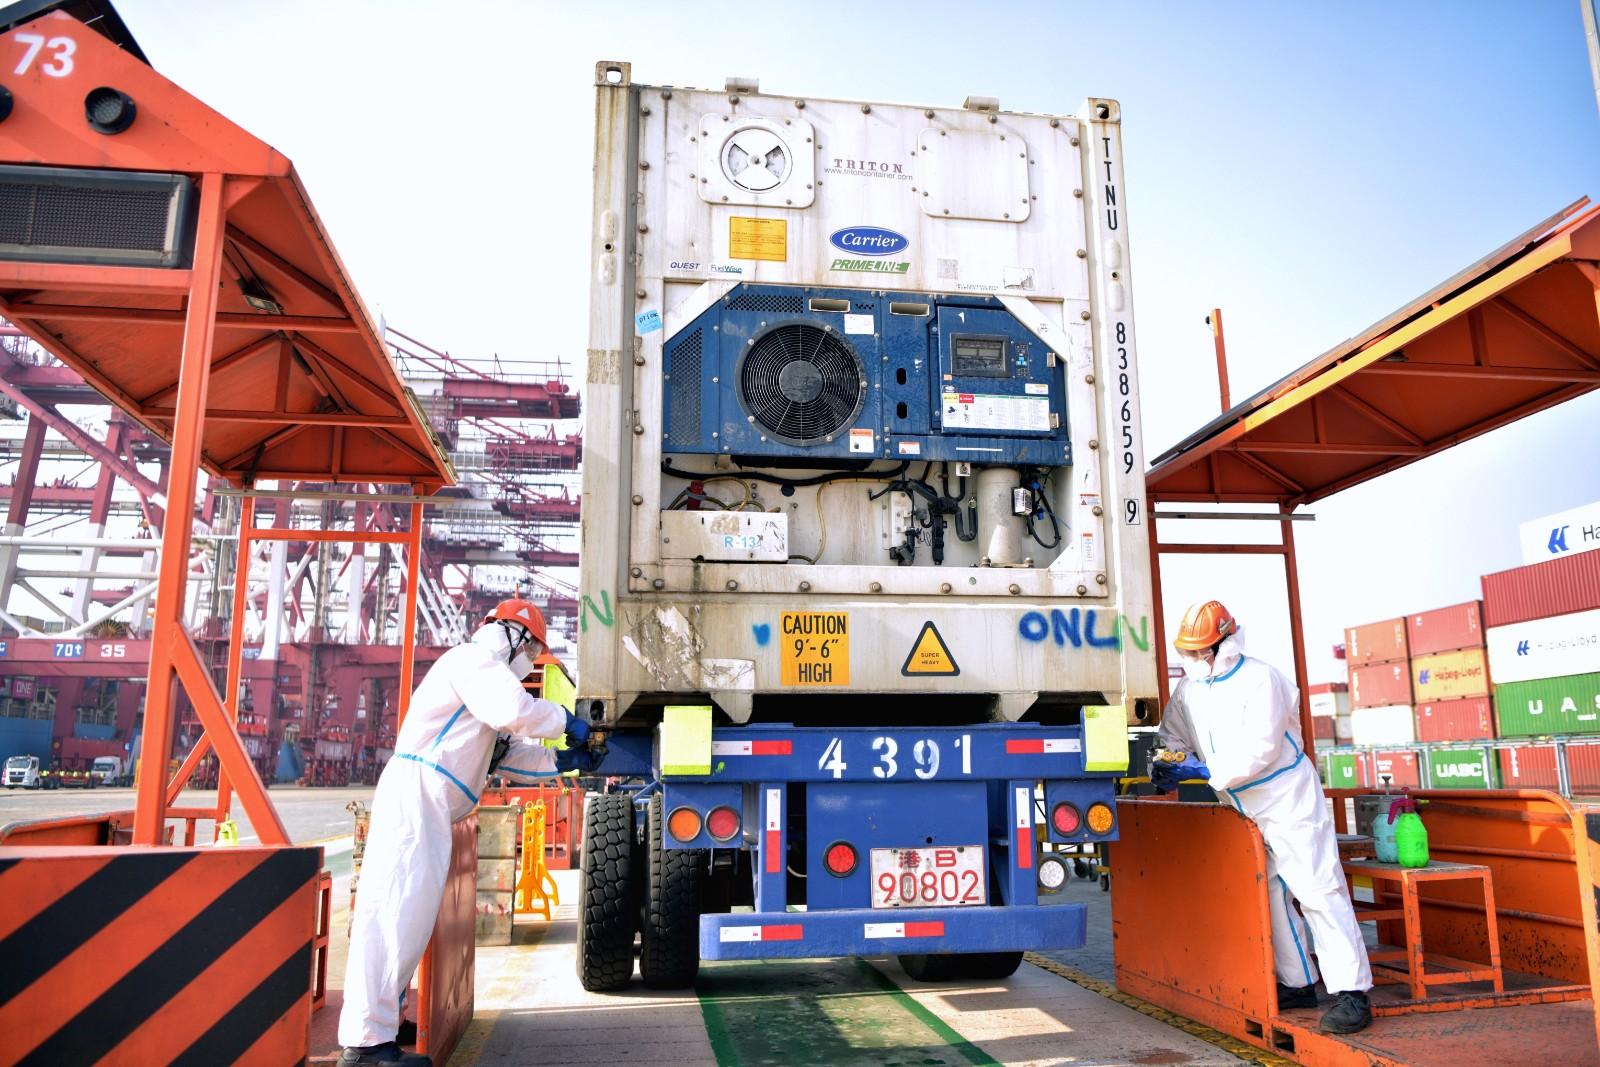 山东港口青岛港严格落实冷链作业防疫措施,对卸船冷冻空箱进行防疫记录,确保每个冷冻箱都行初步消杀,保证出港集装箱的安全。